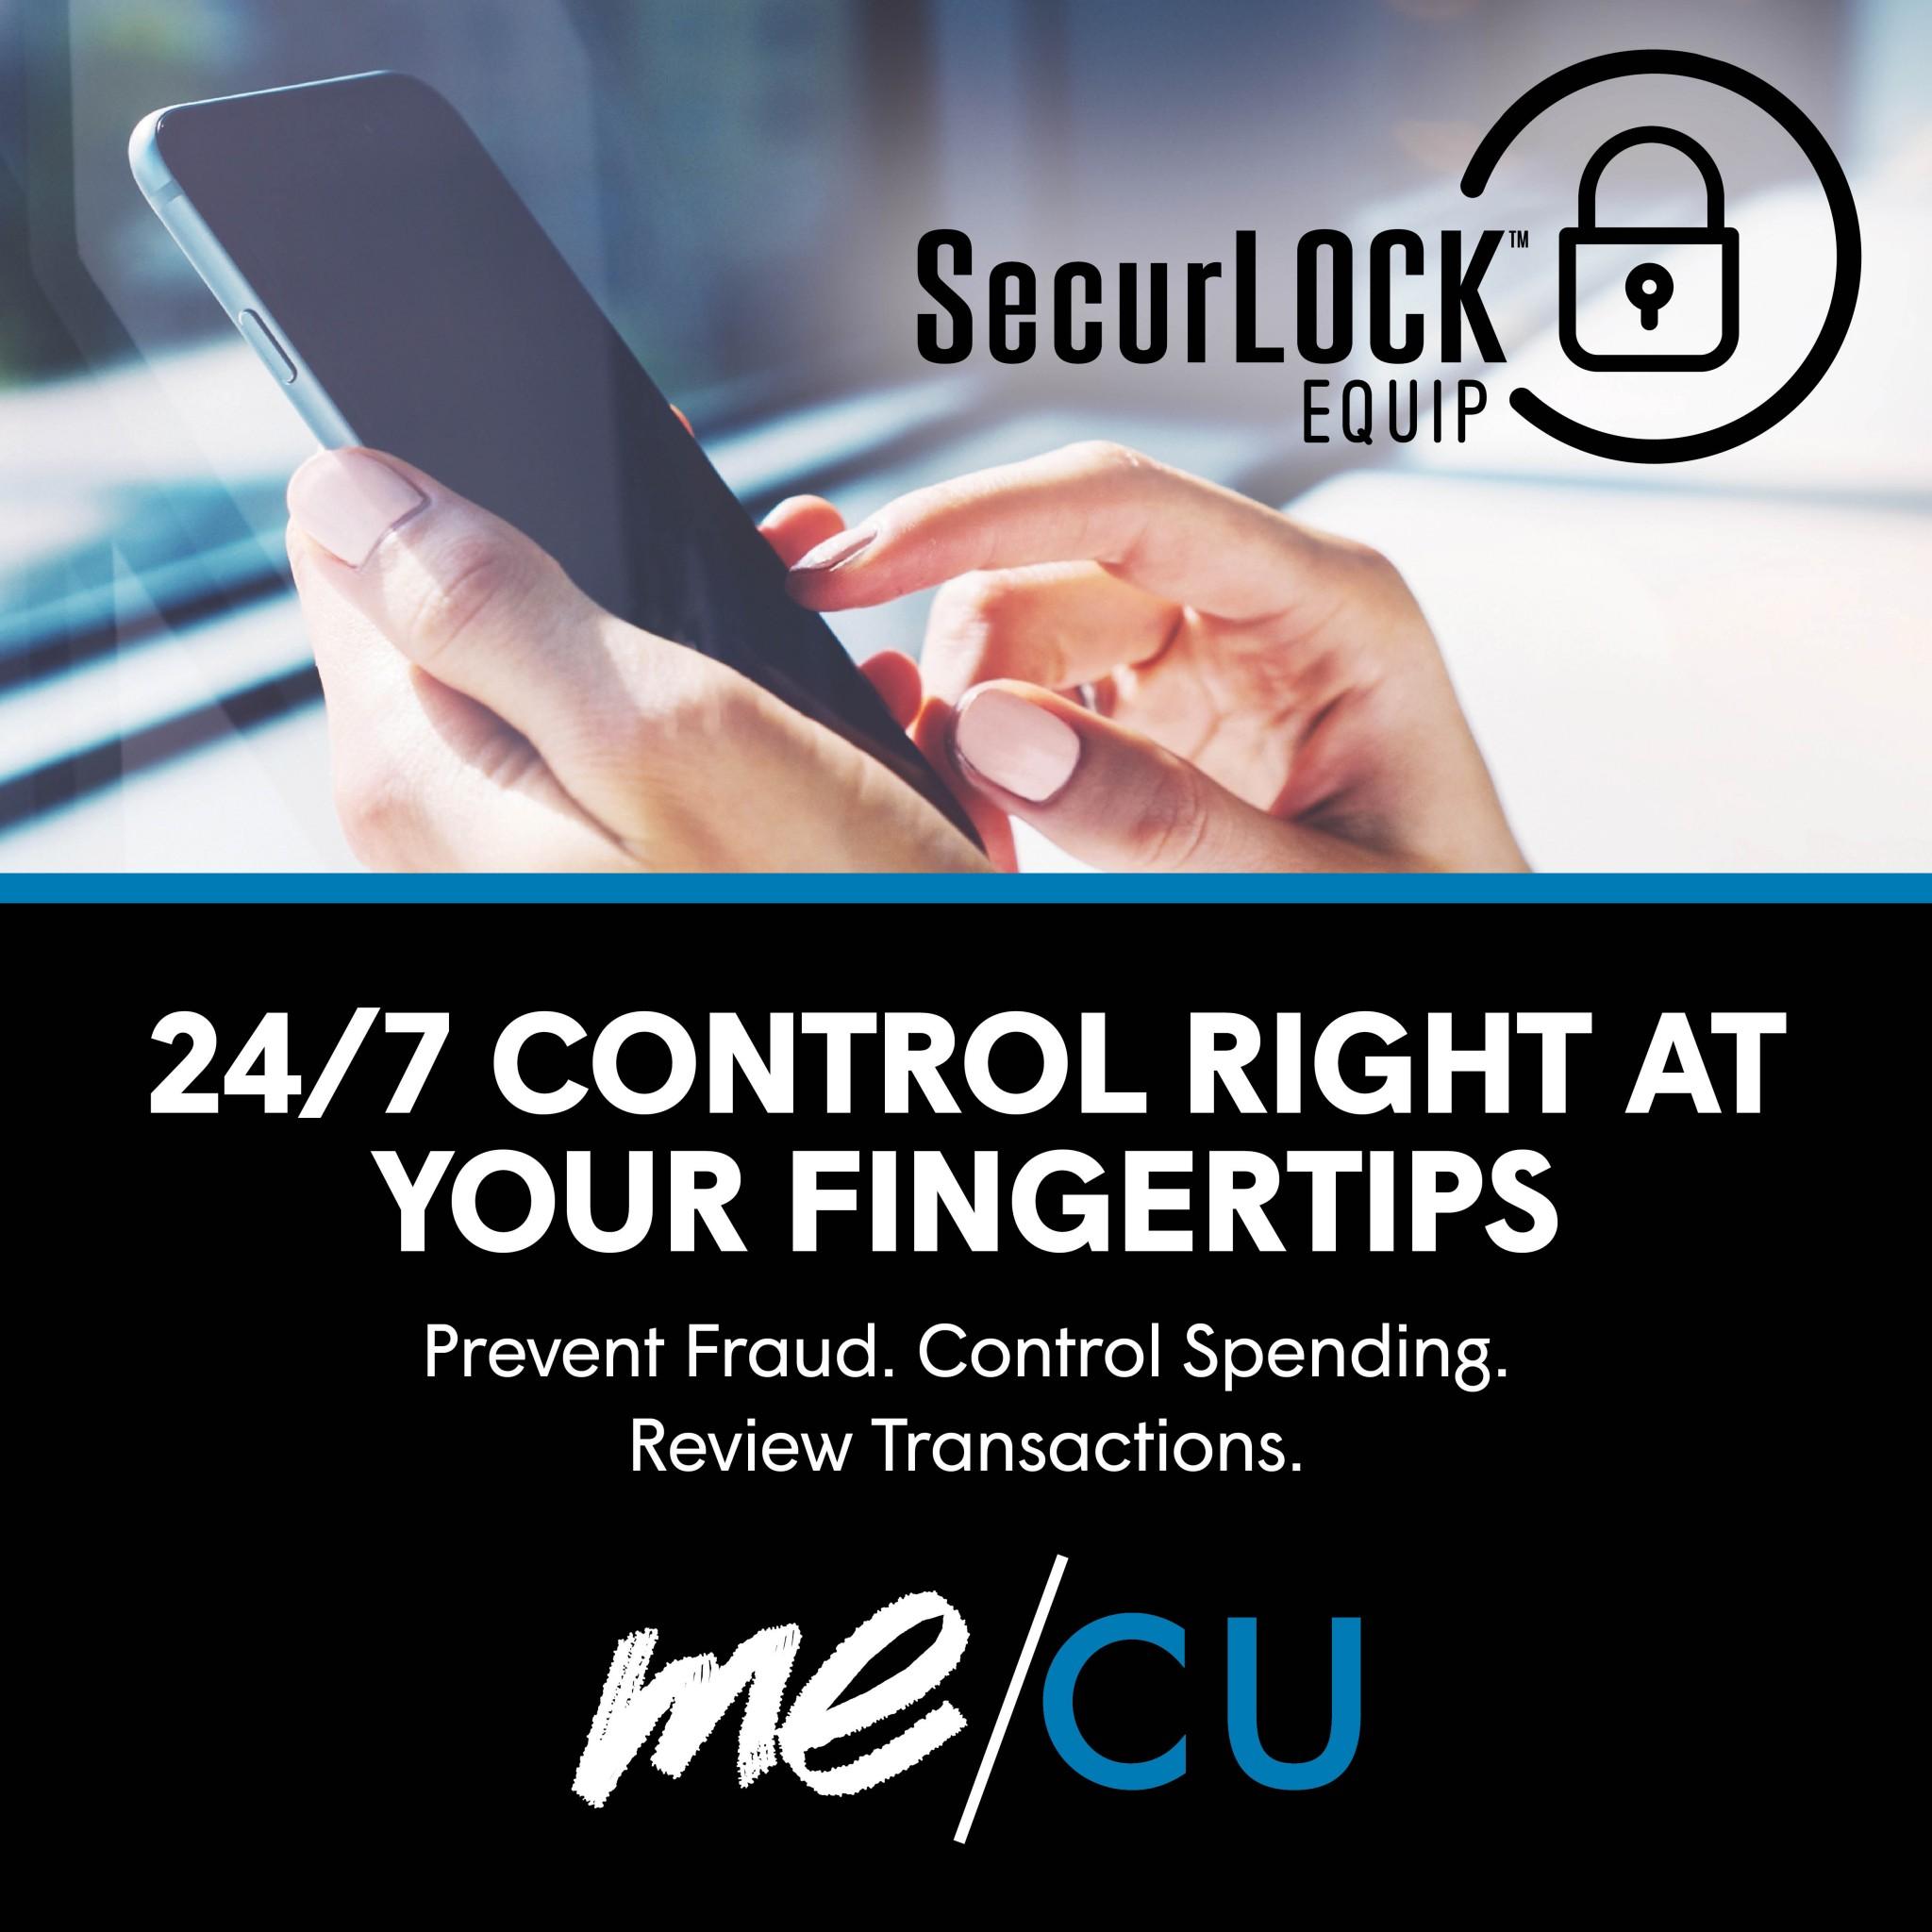 SecurLock Ad